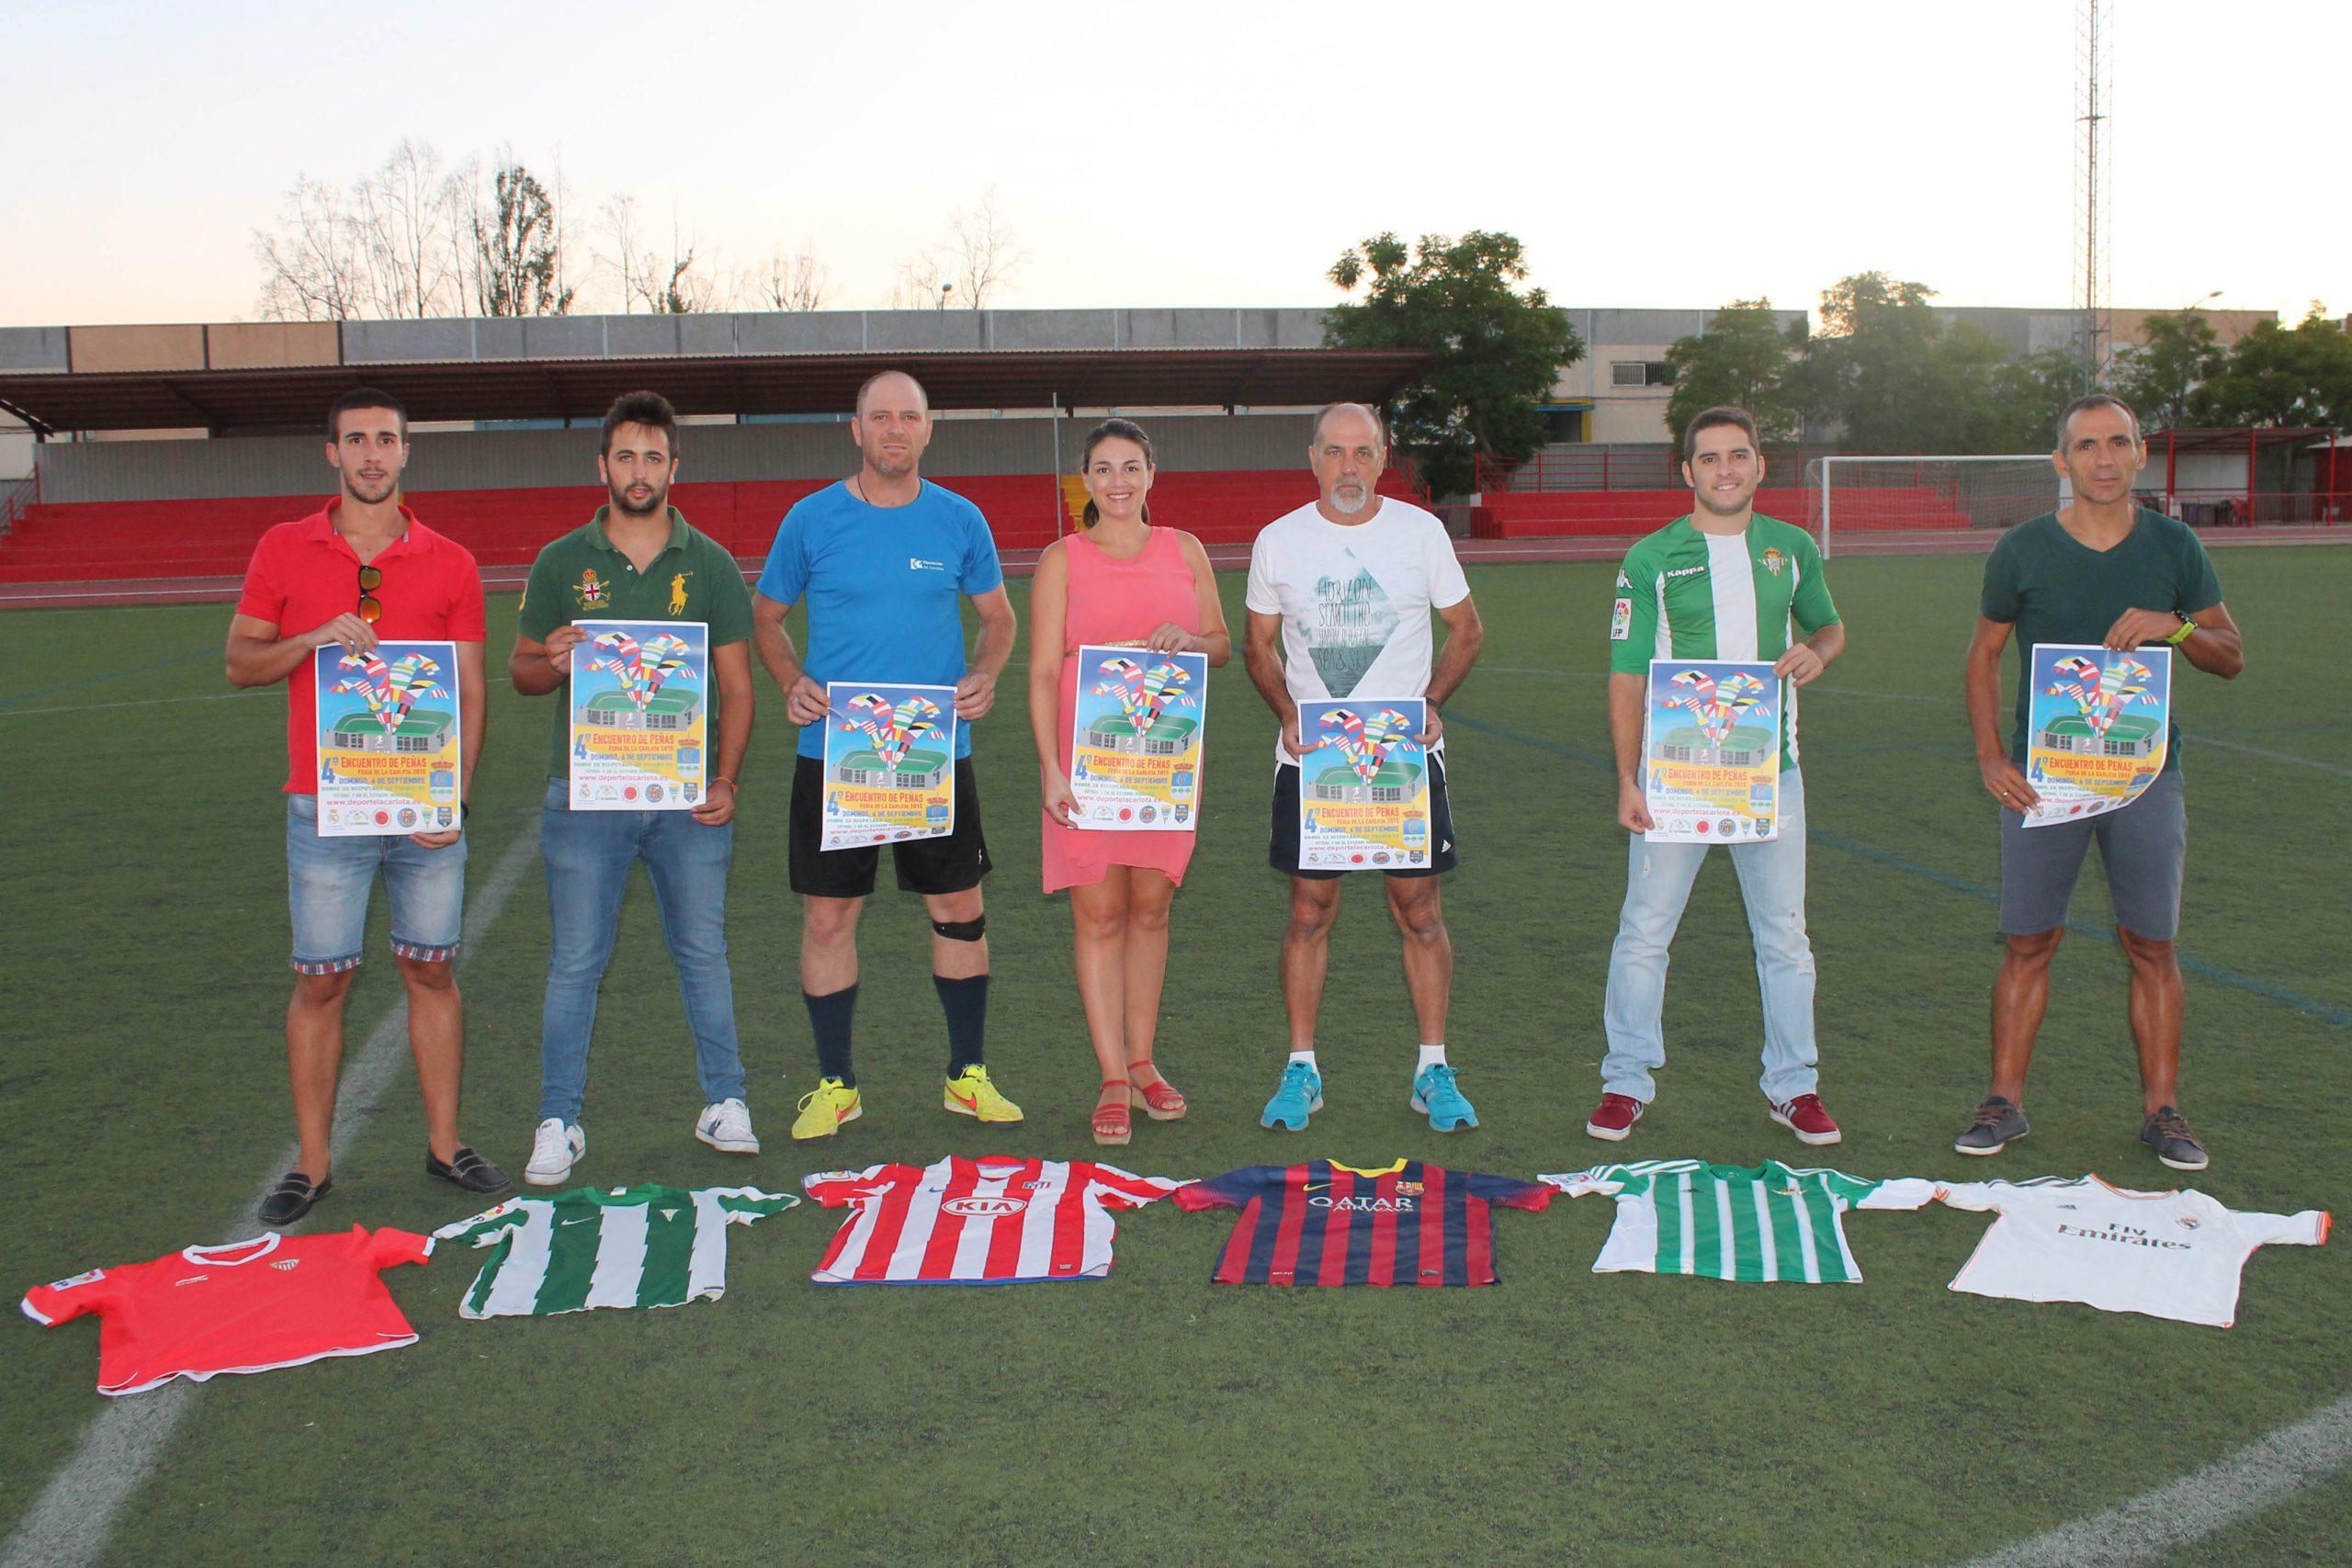 Las seis peñas de fútbol carloteñas se preparan para su IV Encuentro con motivo de la Feria 1